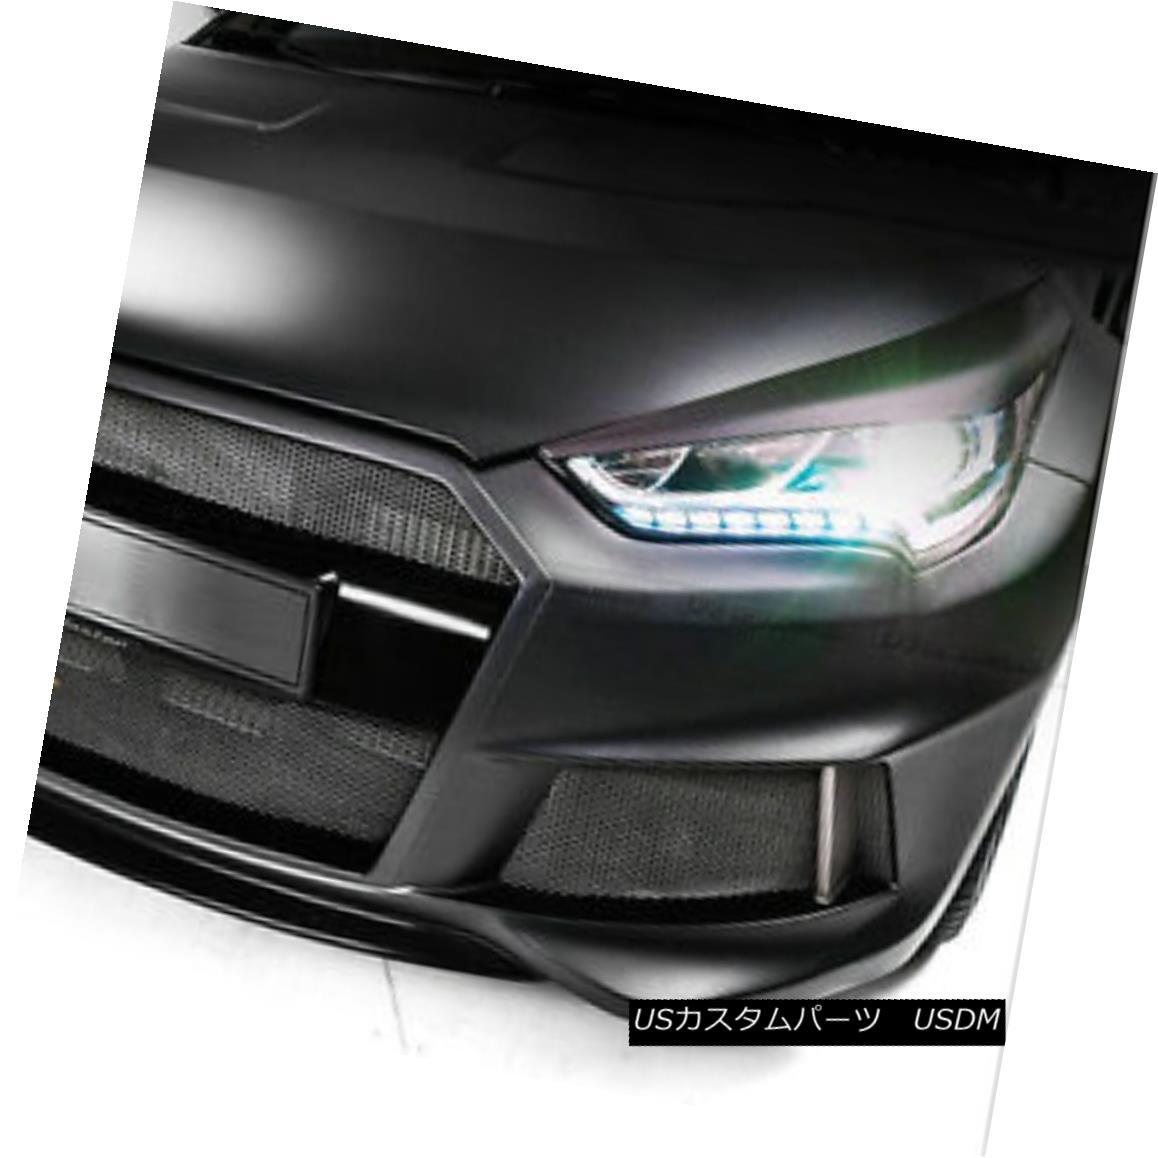 エアロパーツ For Hyundai Veloster Carbon Fiber Headlight Cover Eyebrow Eye Lid Trim LP Style Hyundai VelosterカーボンファイバーヘッドライトカバーEyebrow Eye Lid Trim LP Style